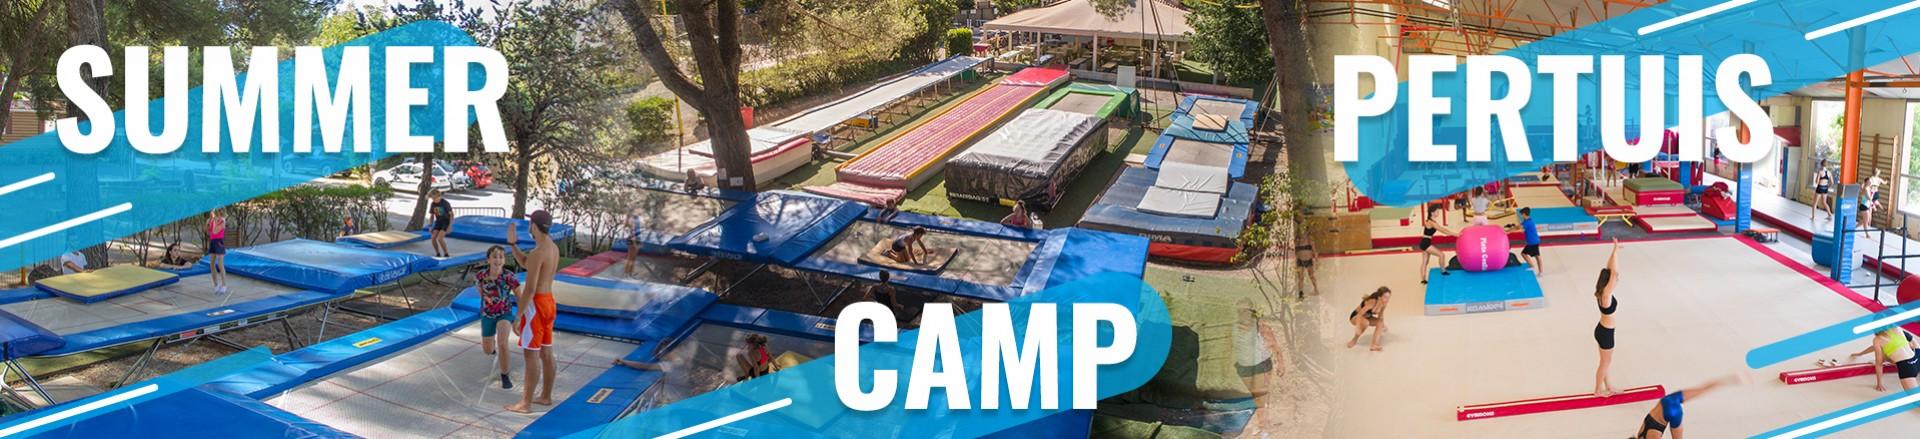 Parc Matériel du Summer Camp Pertuis